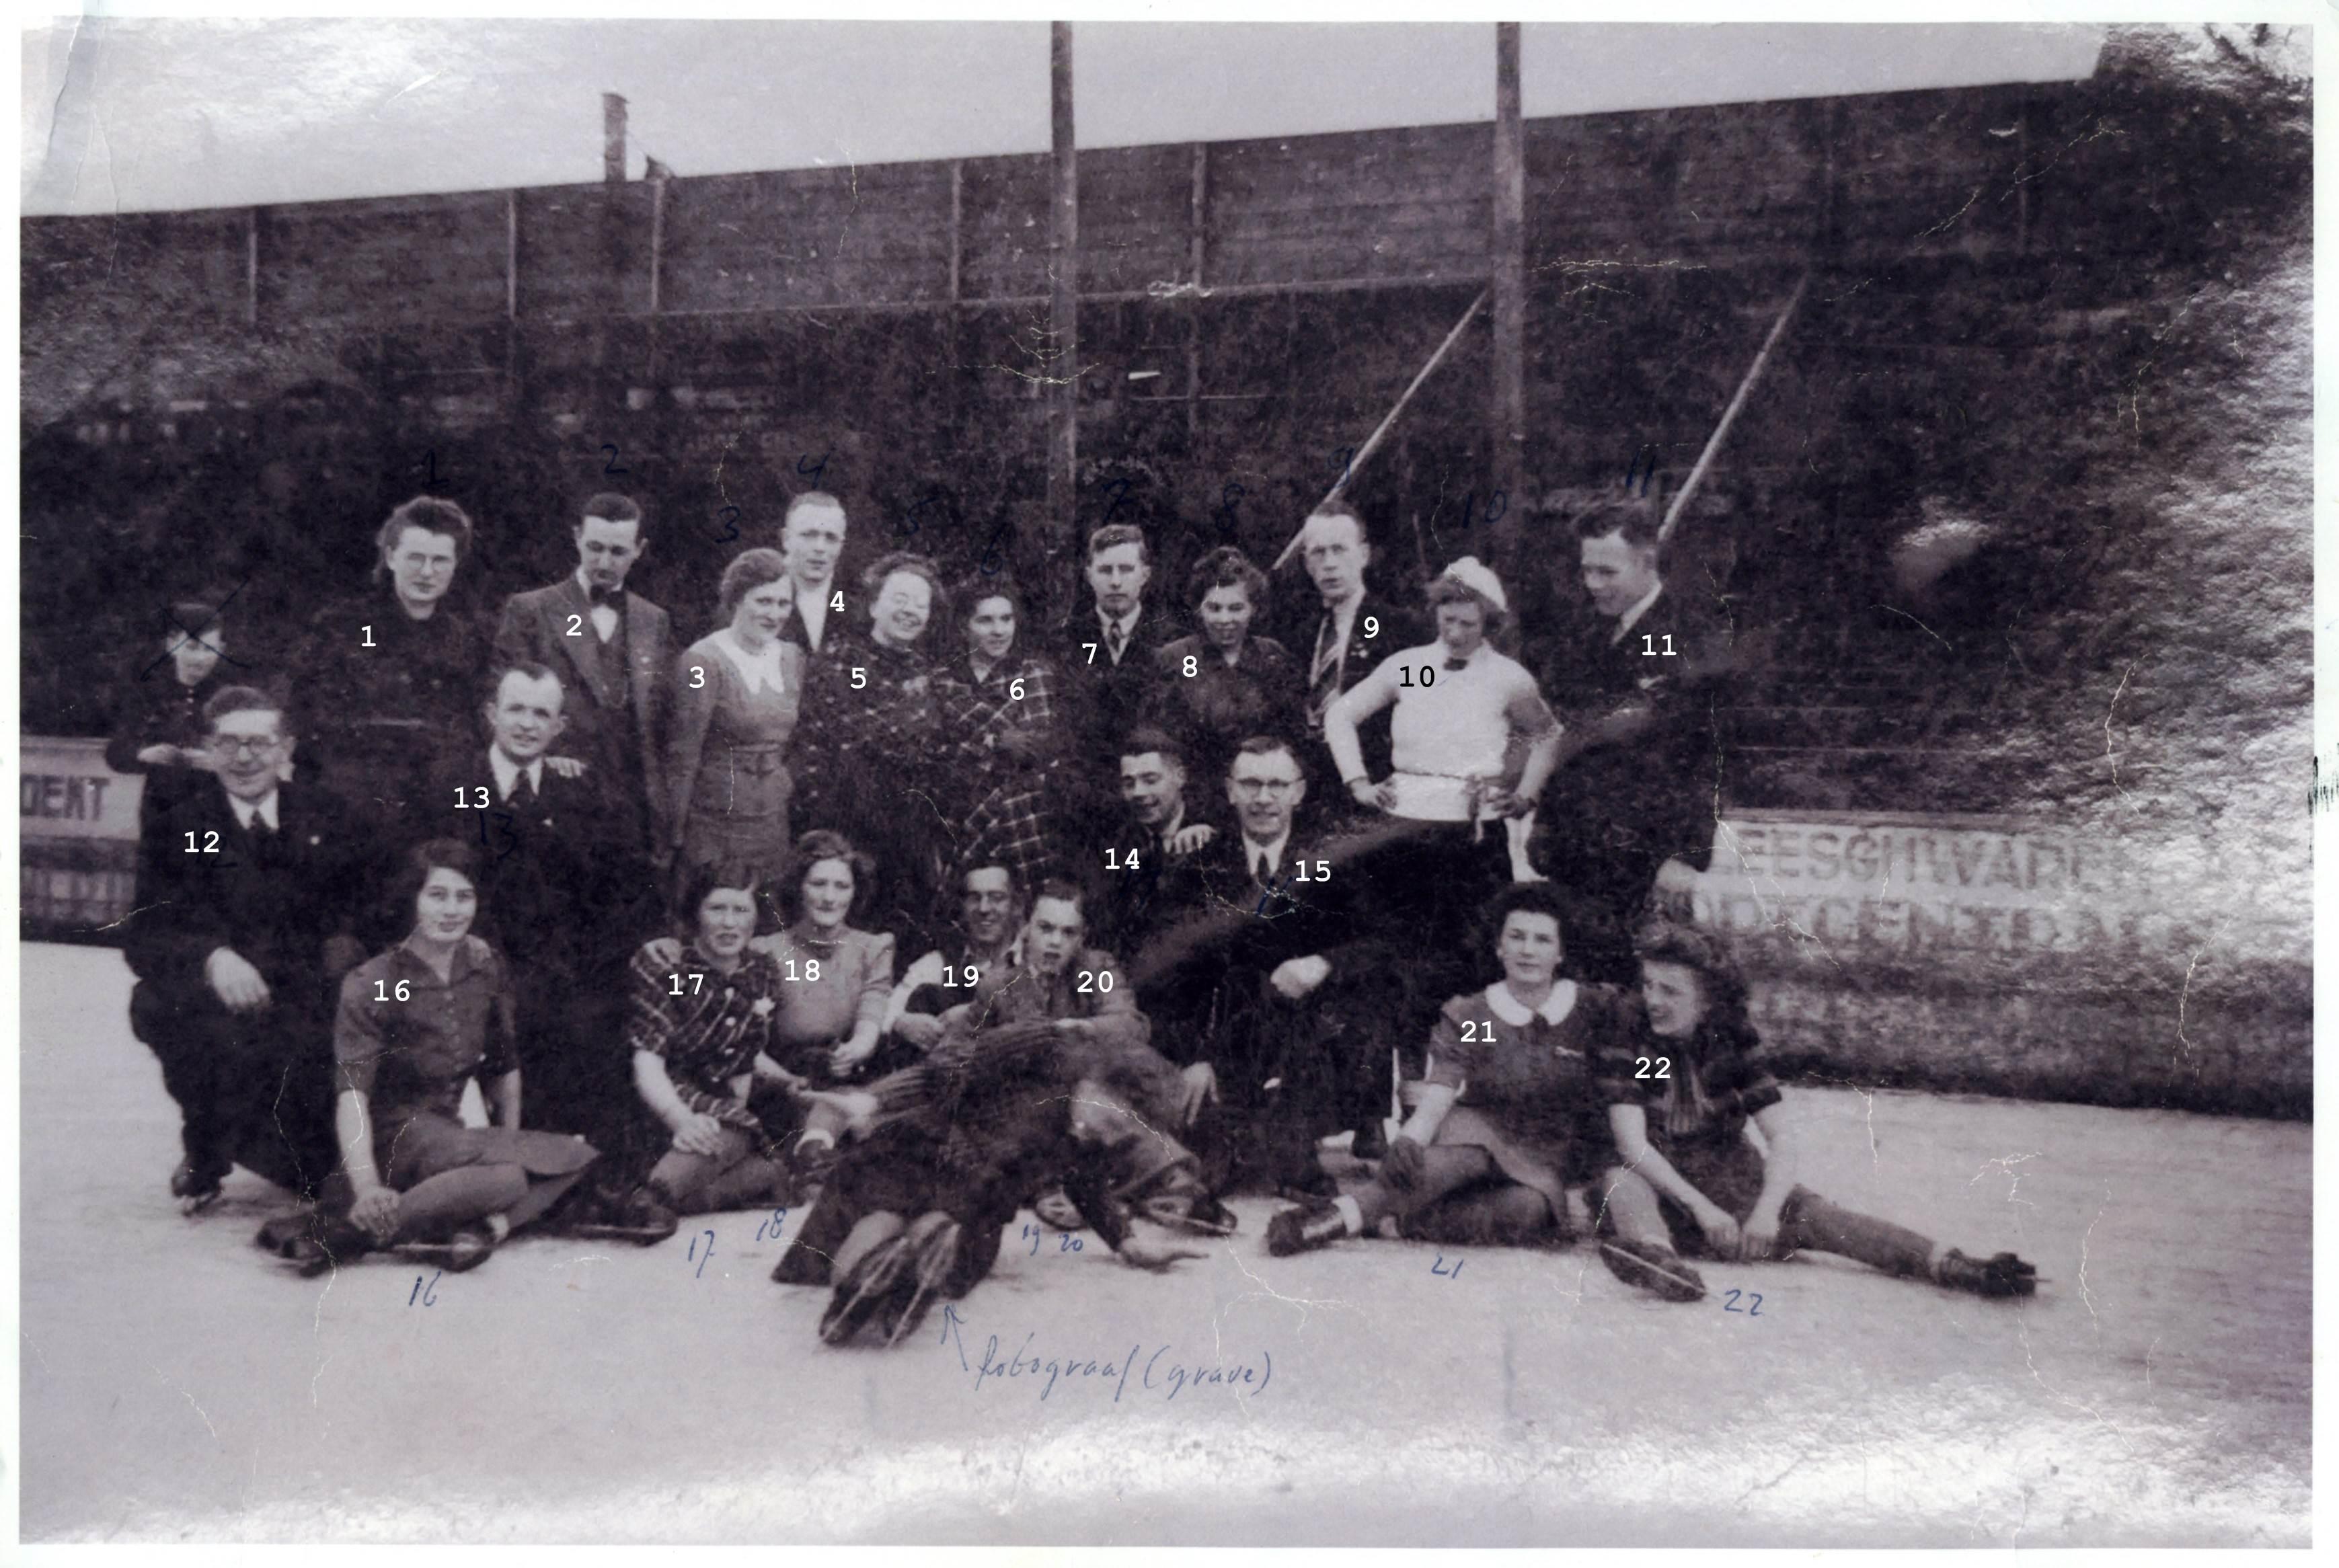 1941 of 1942 St. Michielsgestel op kunstijs schaatsbaan met hoge schutting in Tilburg